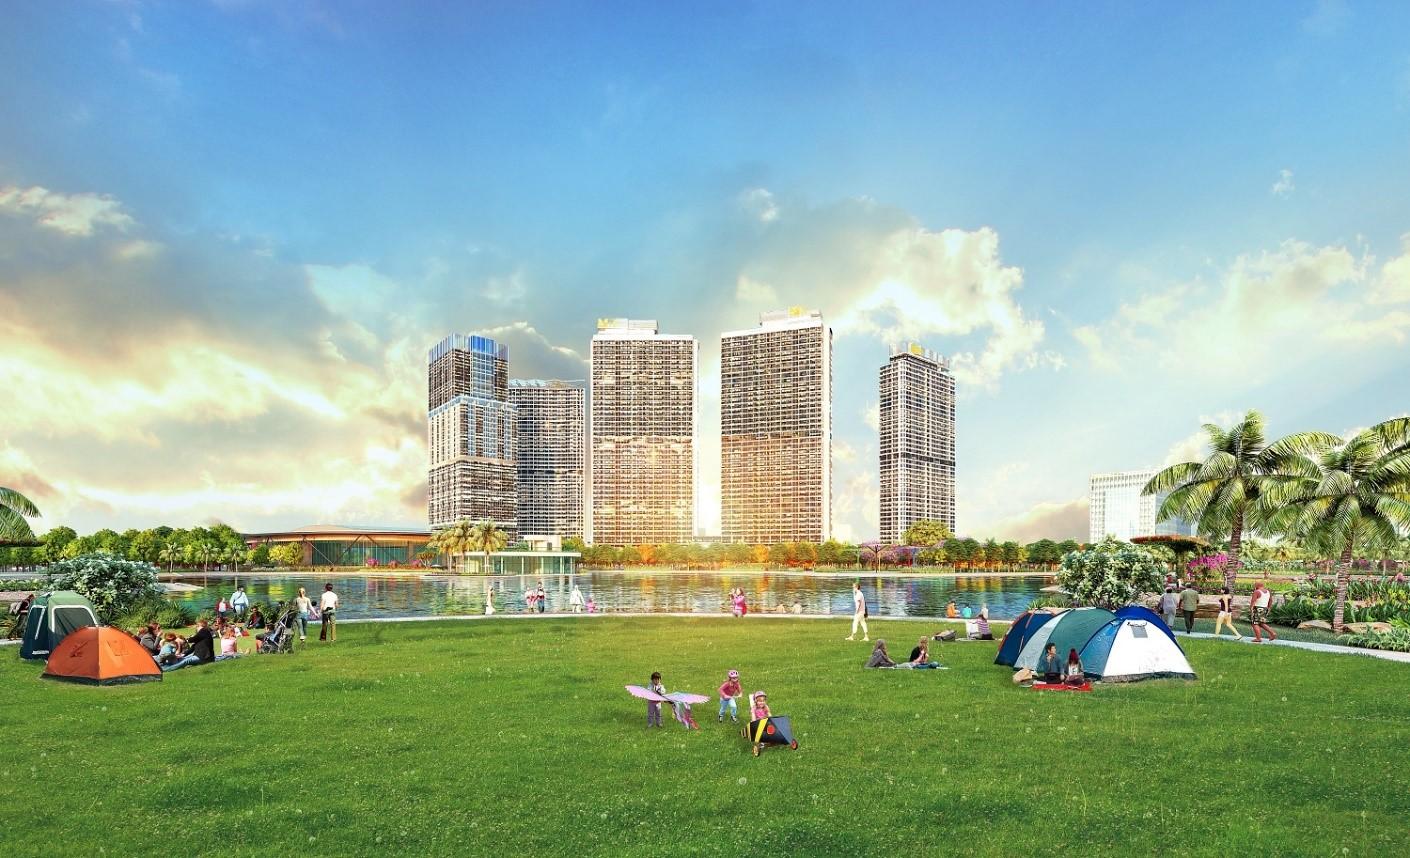 Quy chuẩn nào cho bất động sản xanh?